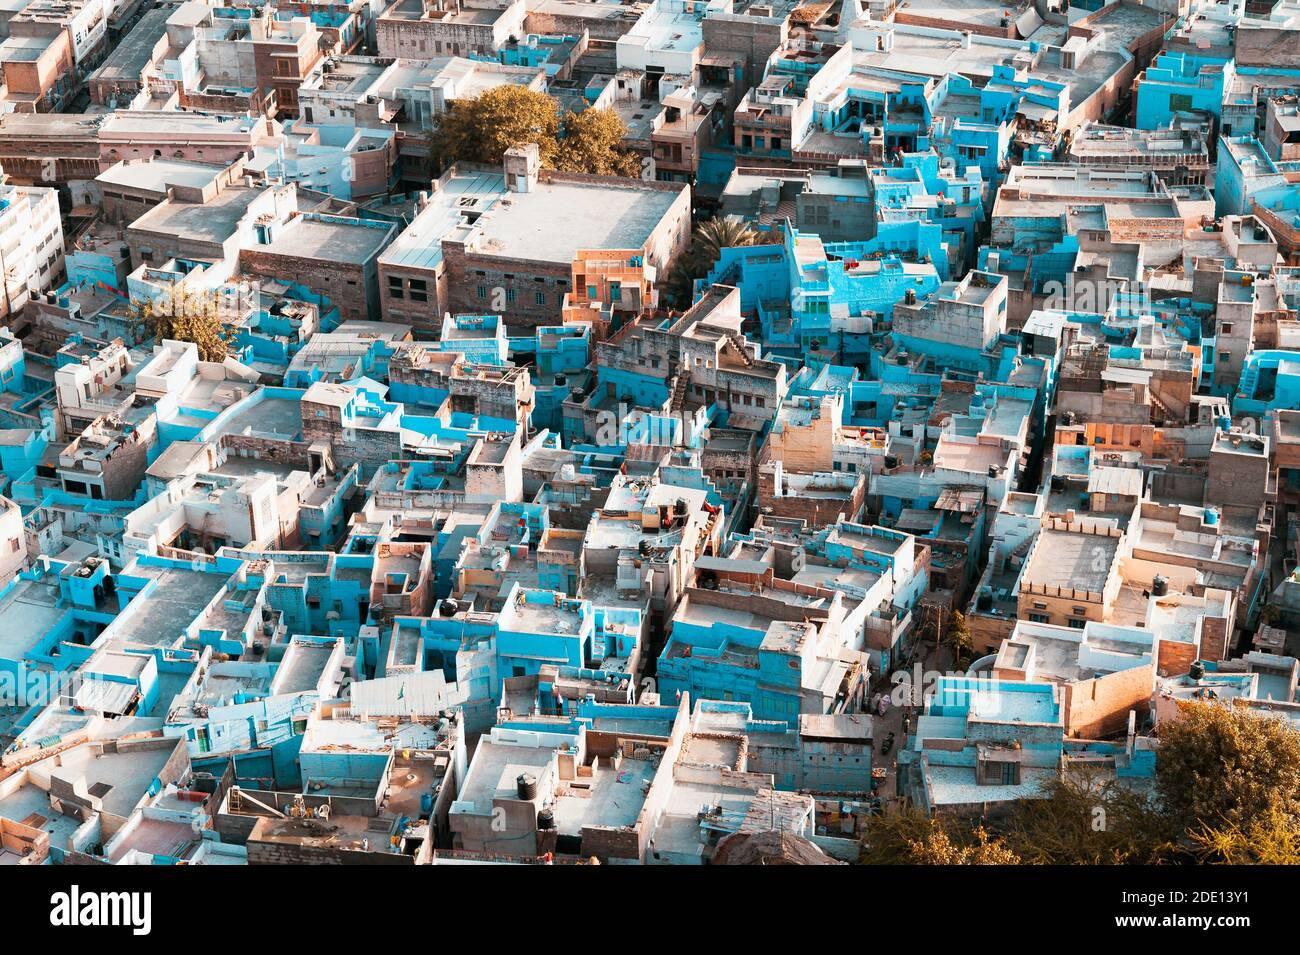 Vue aérienne de la vieille ville de Jodhpur, la ville bleue de l'Inde, une destination touristique célèbre du Rajasthan et un site classé au patrimoine mondial de l'UNESCO Banque D'Images